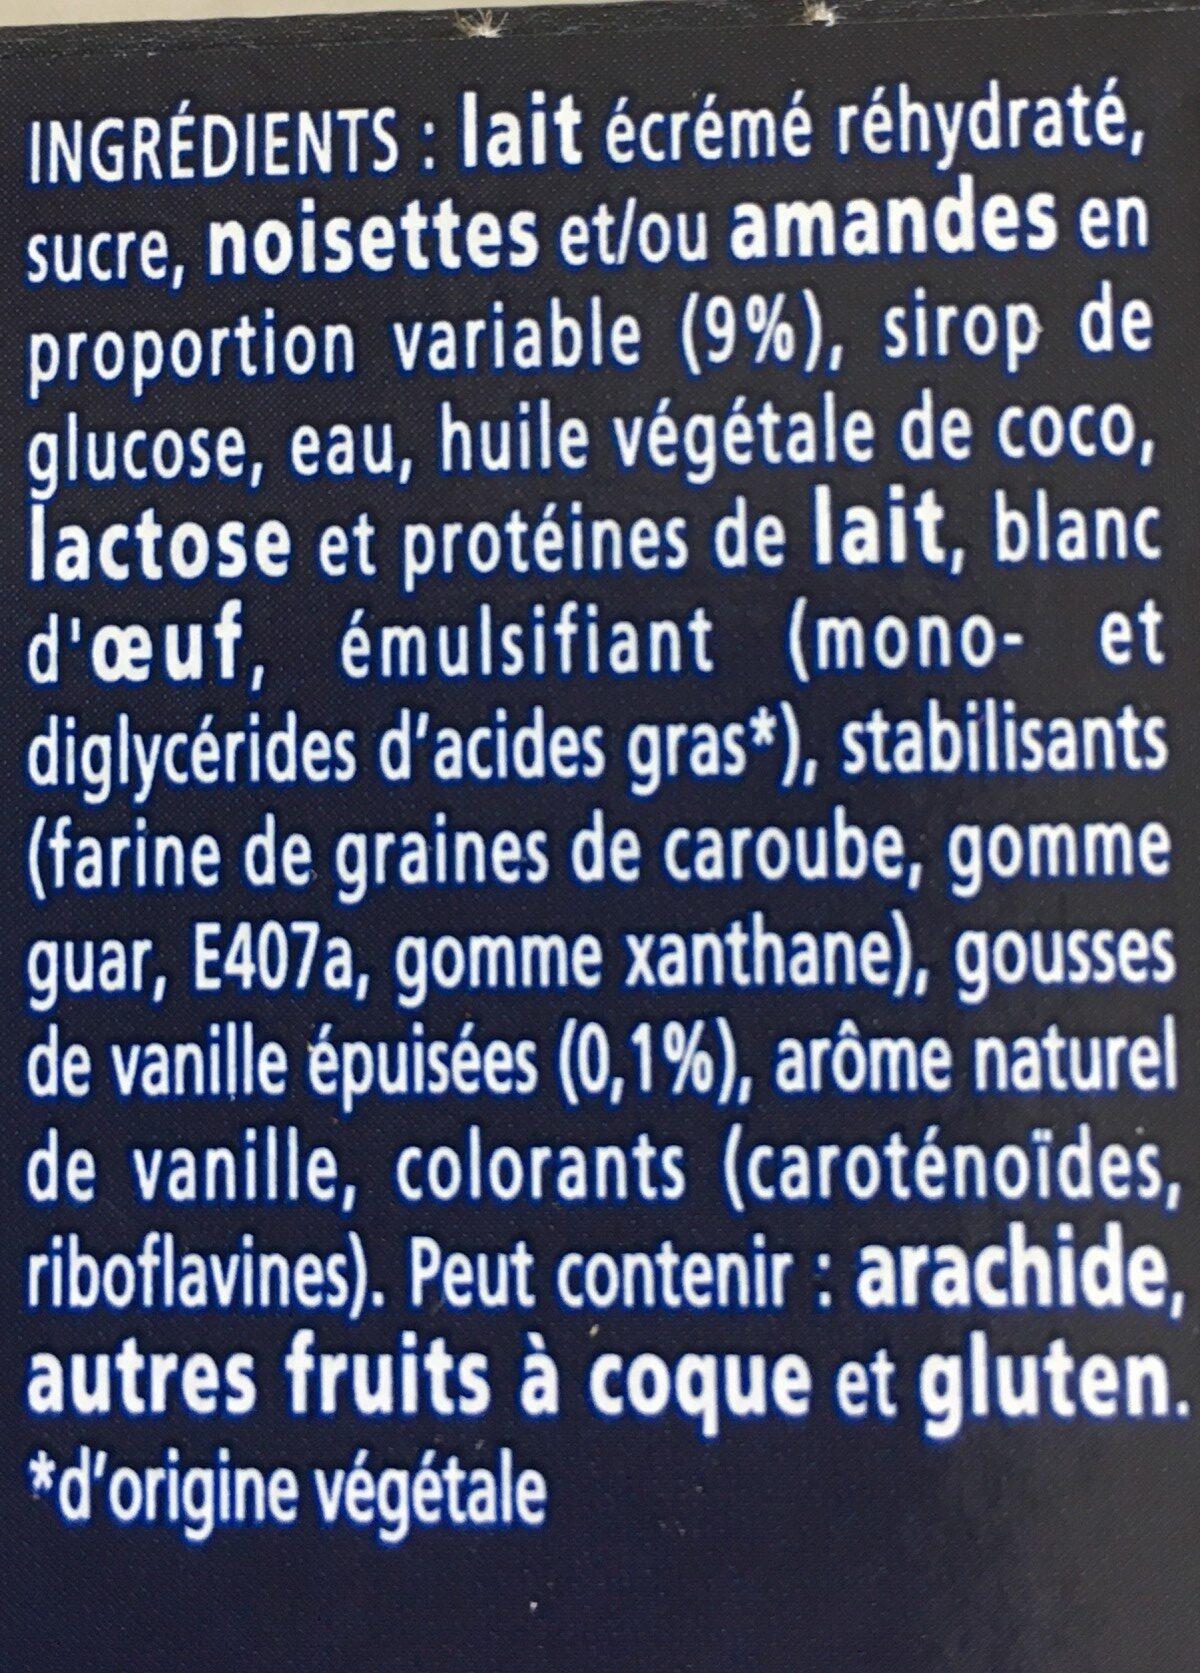 Le Mystère, Vanille de Madagascar Cœur meringue - Ingrédients - fr